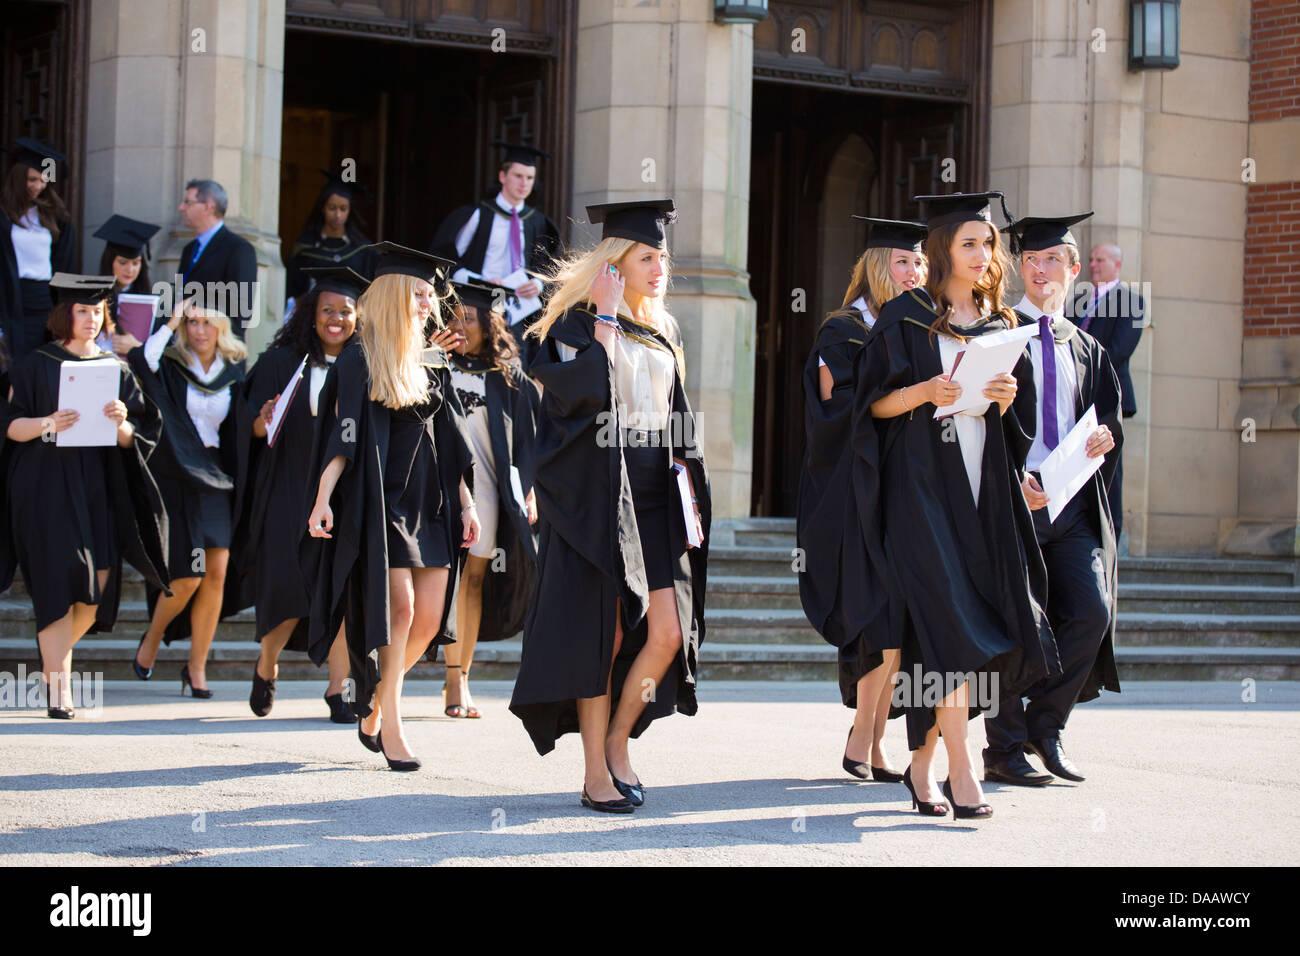 La grande salle laissant les diplômés à l'Université de Birmingham, Royaume-Uni, après Photo Stock